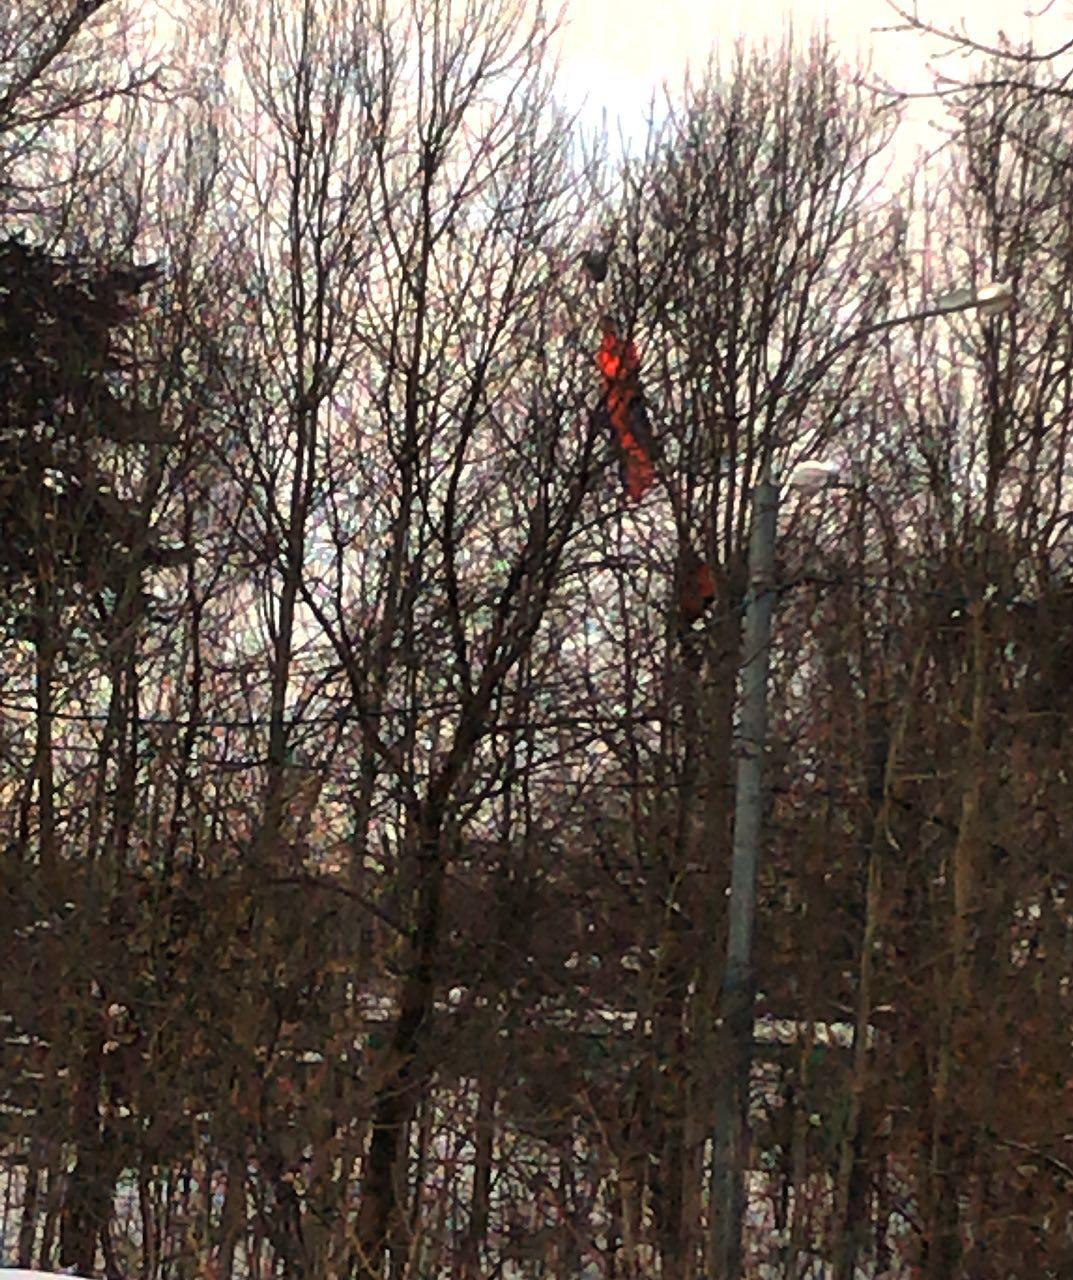 Видите оранжевую тряпочку на дереве?